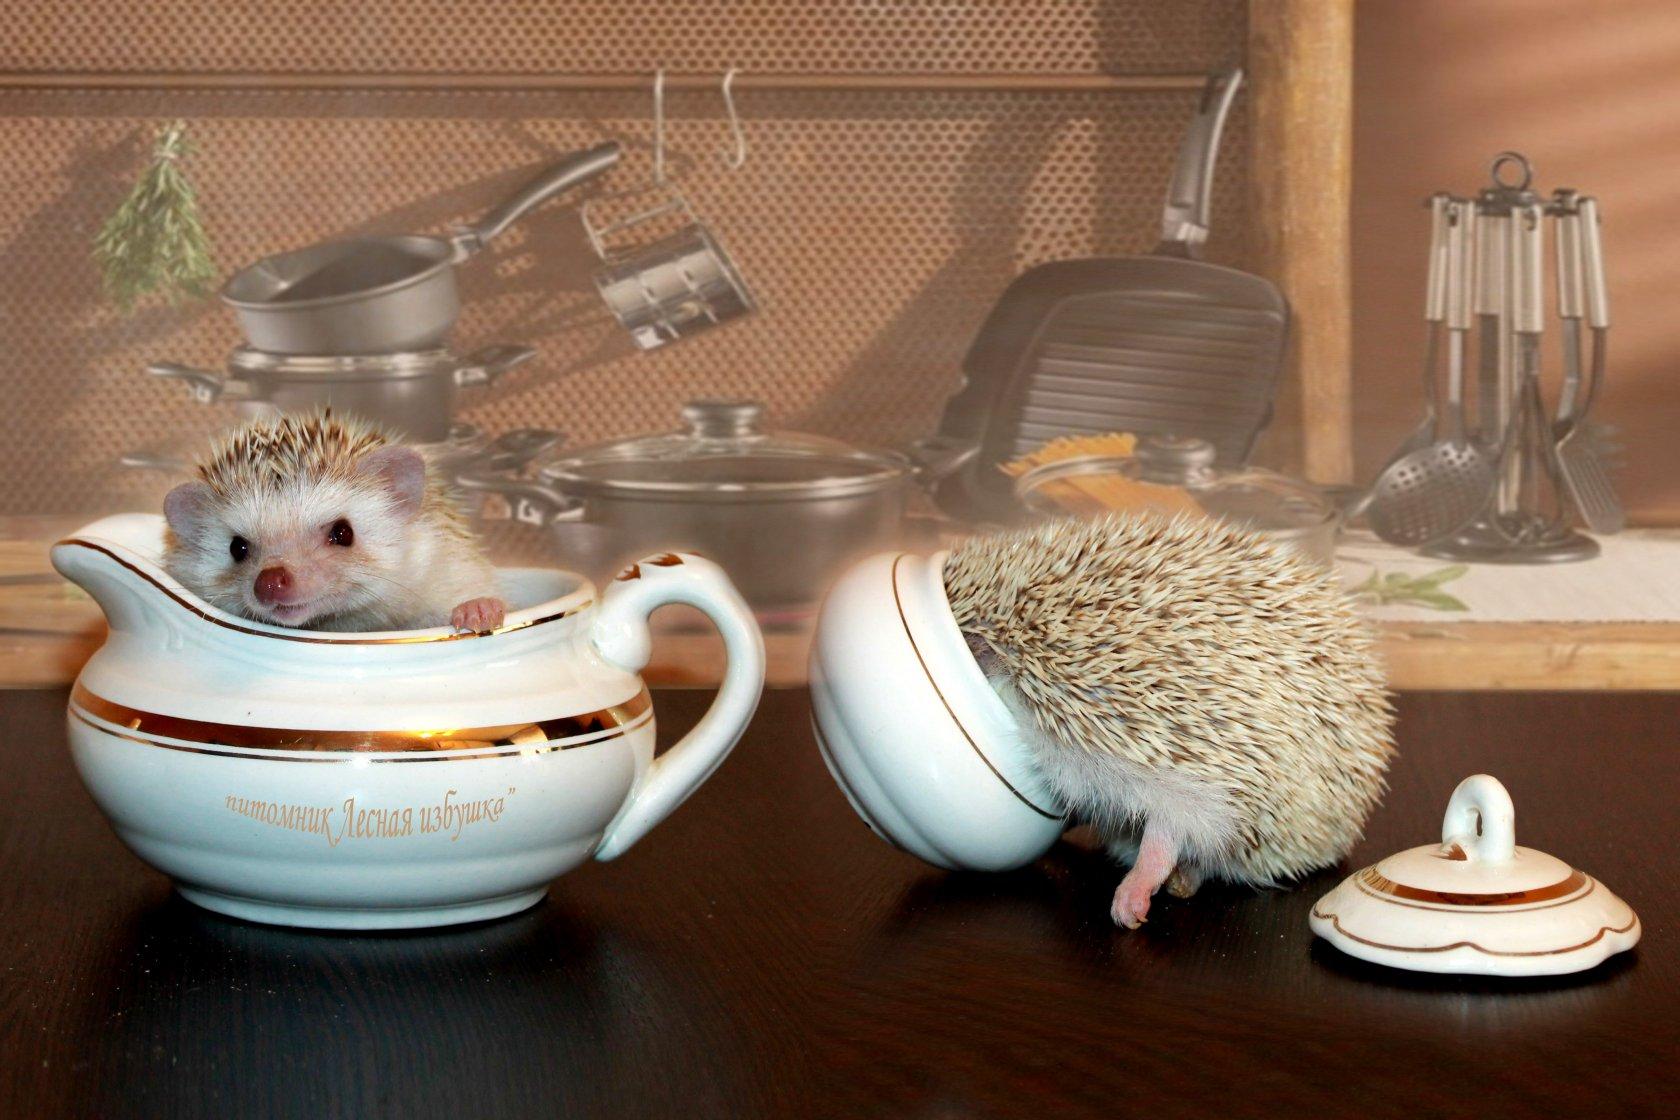 Питание: чем кормить ежика в домашних условиях